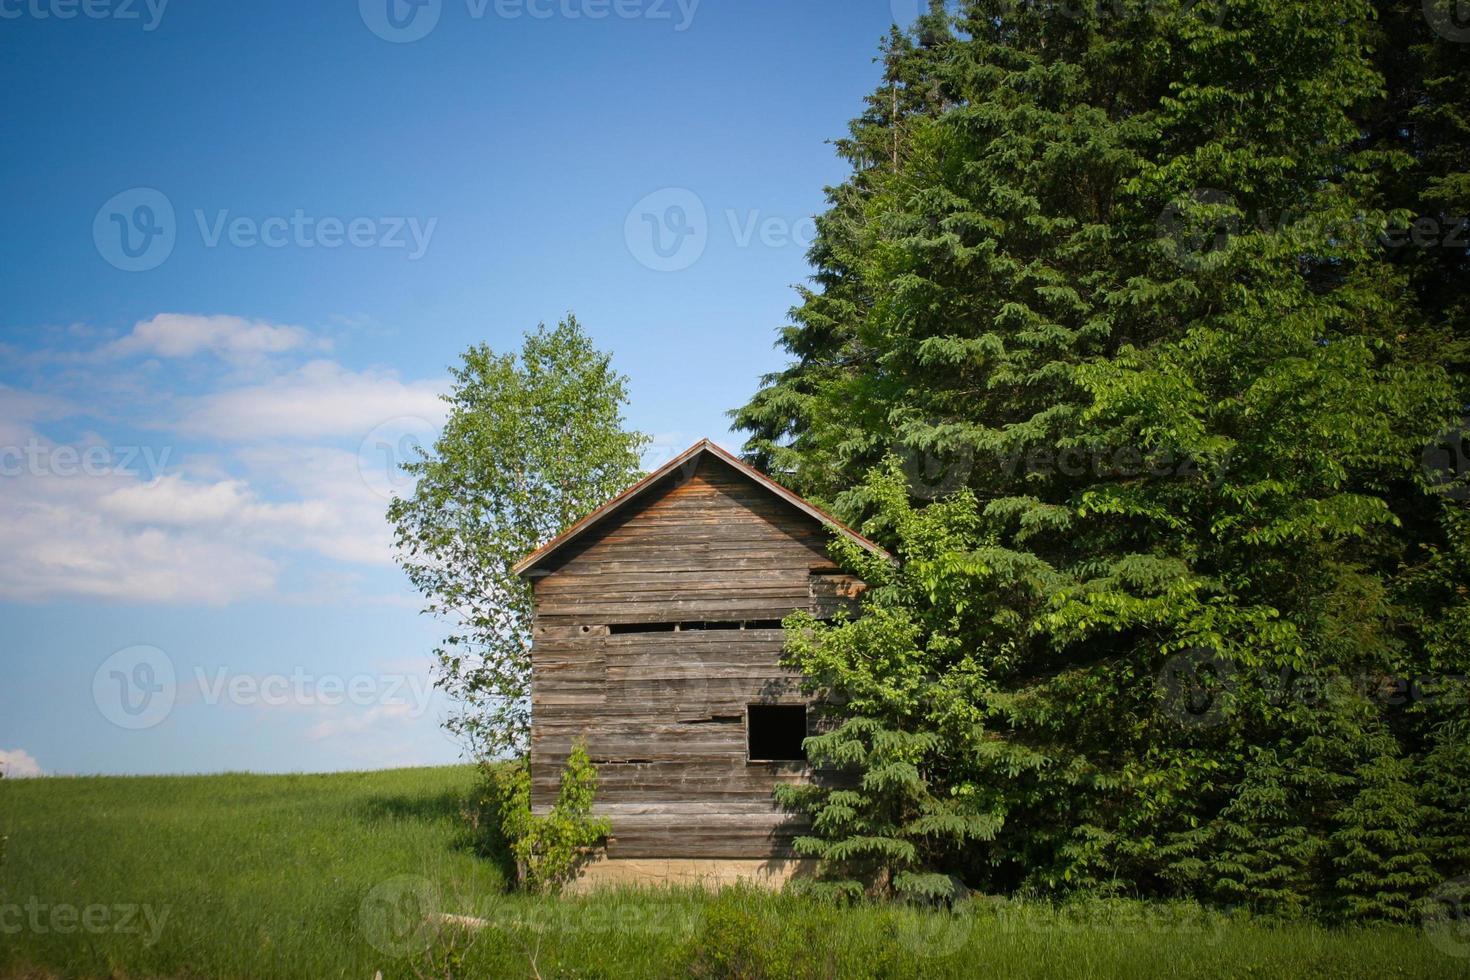 alte hölzerne kleine Hütte neben grünen Bäumen foto